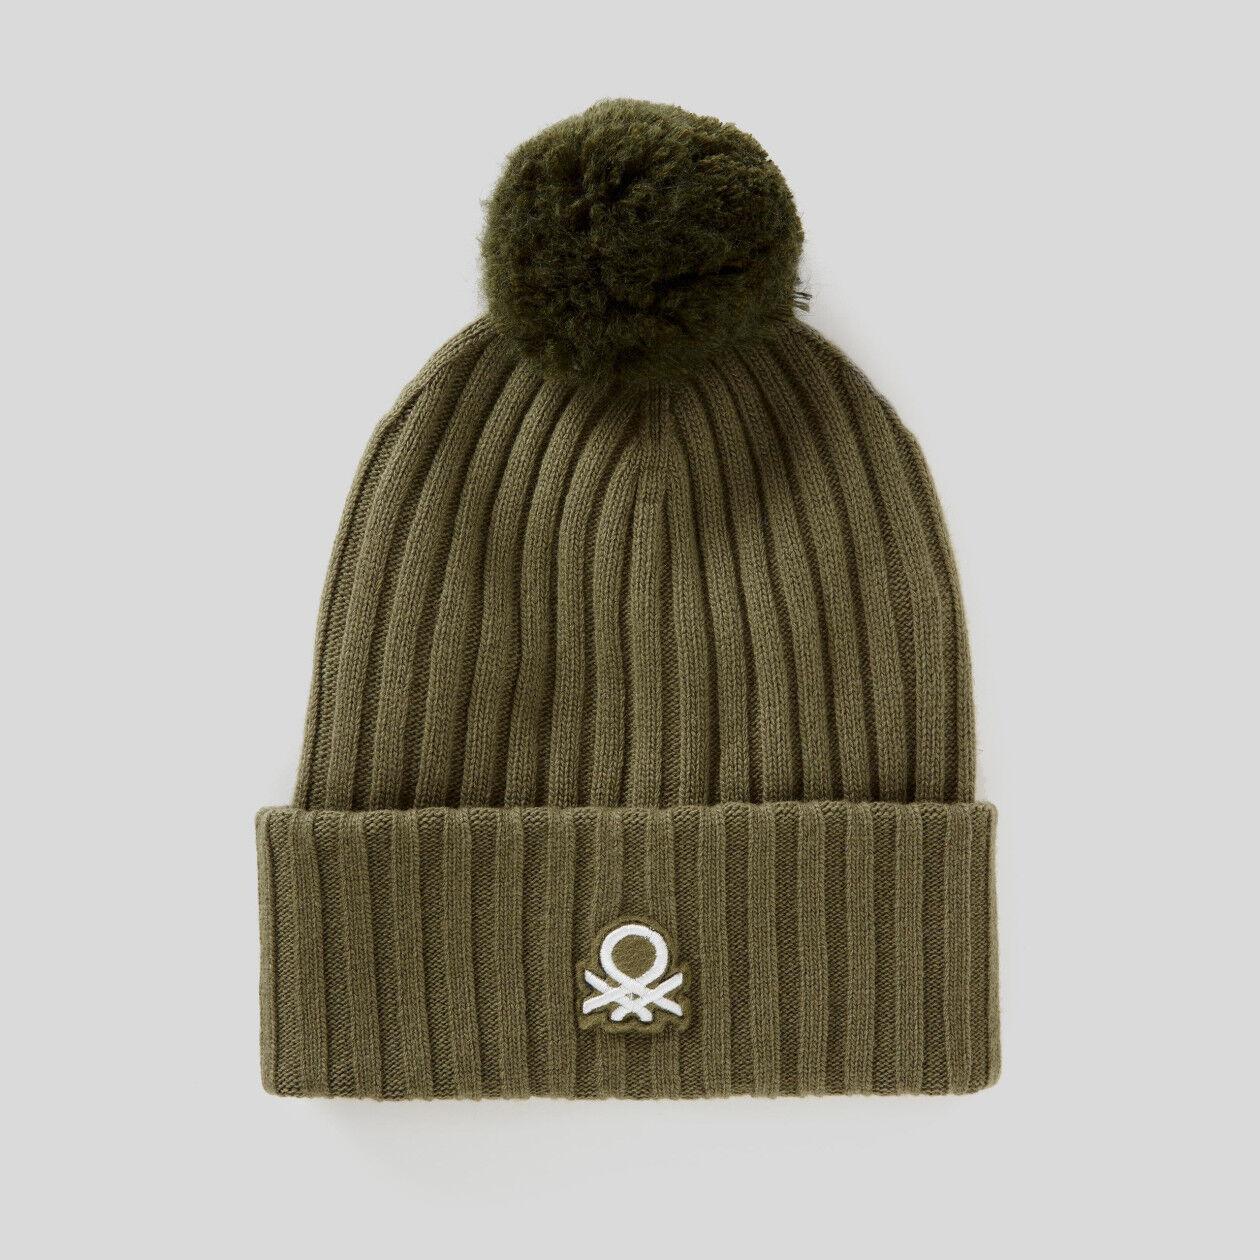 Hat with logo and pom pom